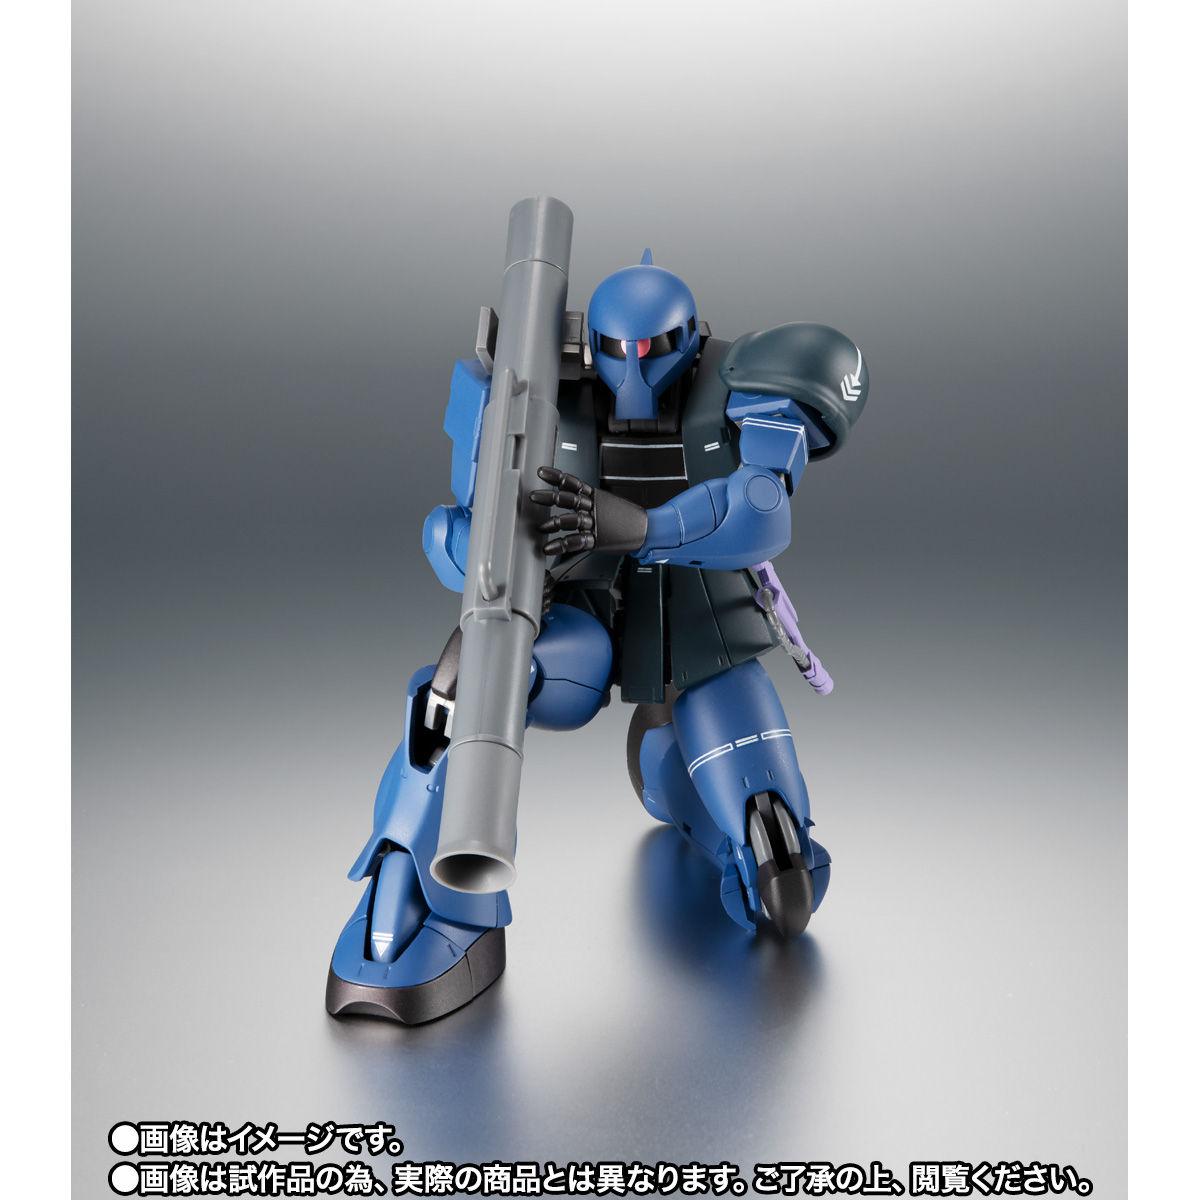 【限定販売】ROBOT魂〈SIDE MS〉『MS-05B 旧ザク ver. A.N.I.M.E. ~黒い三連星~』ガンダム 可動フィギュア-002